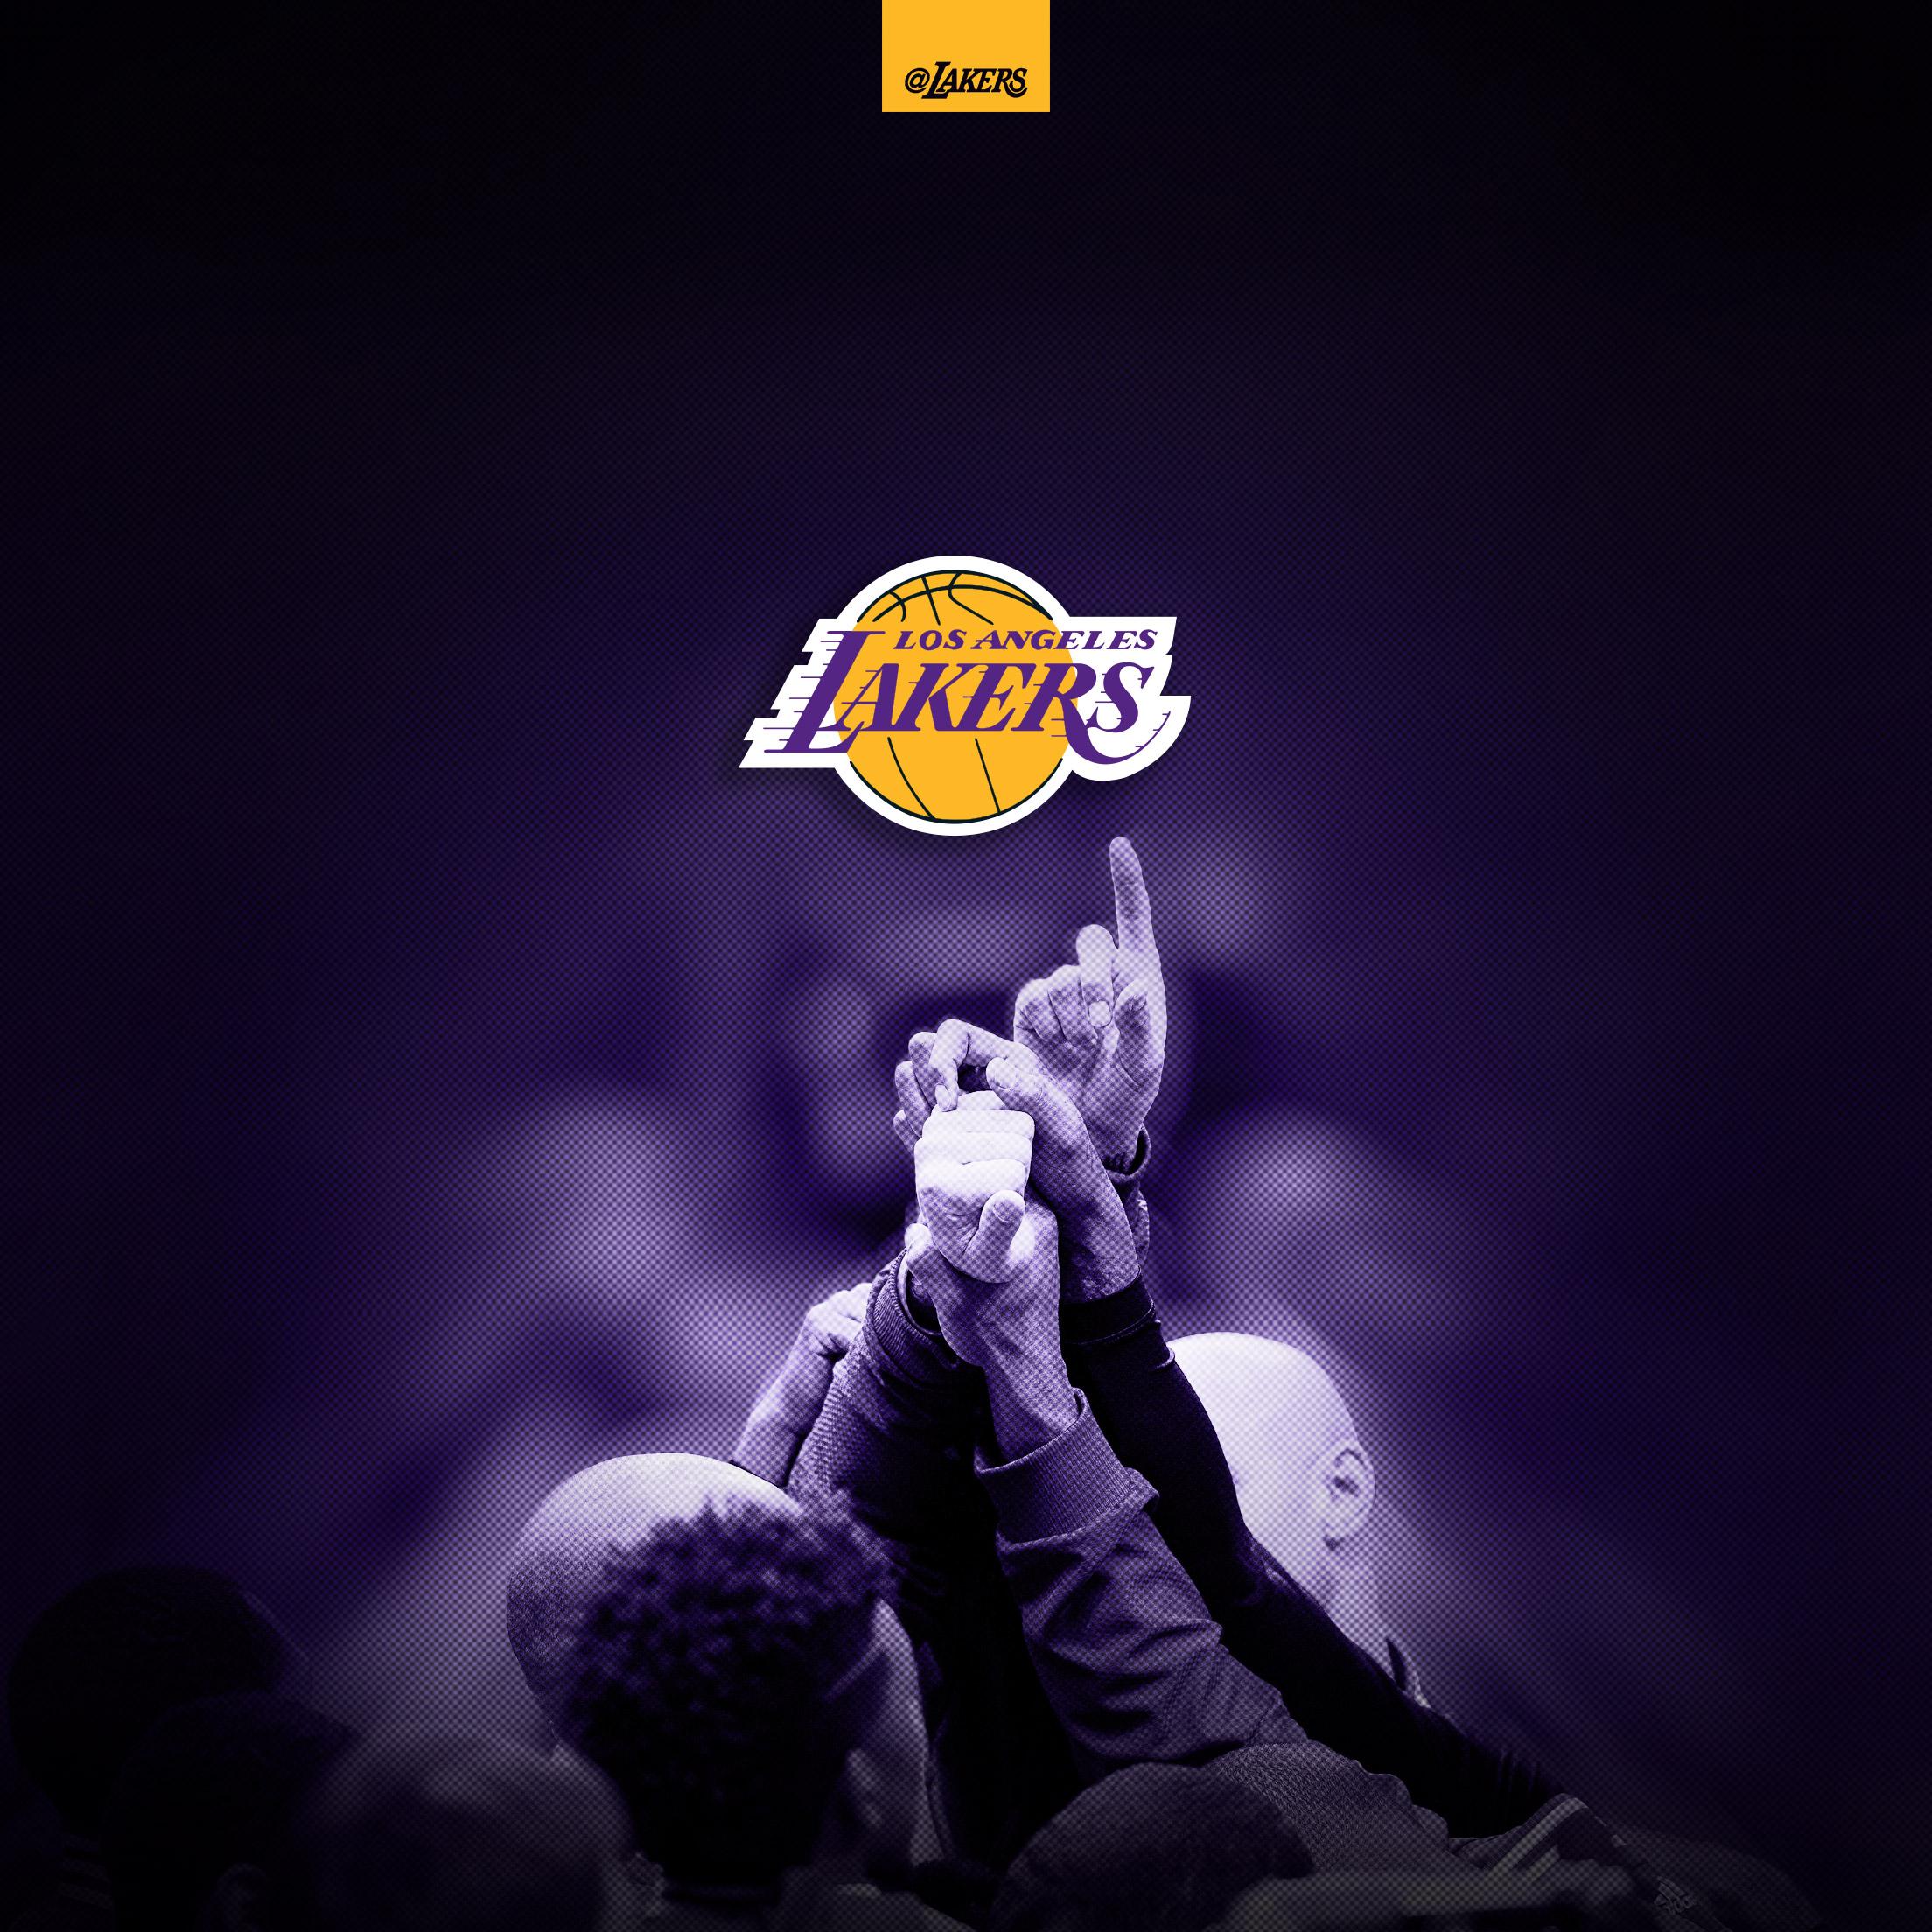 La Dodgers Iphone Wallpaper Lakers La Wallpaper 2019 Live Wallpaper Hd